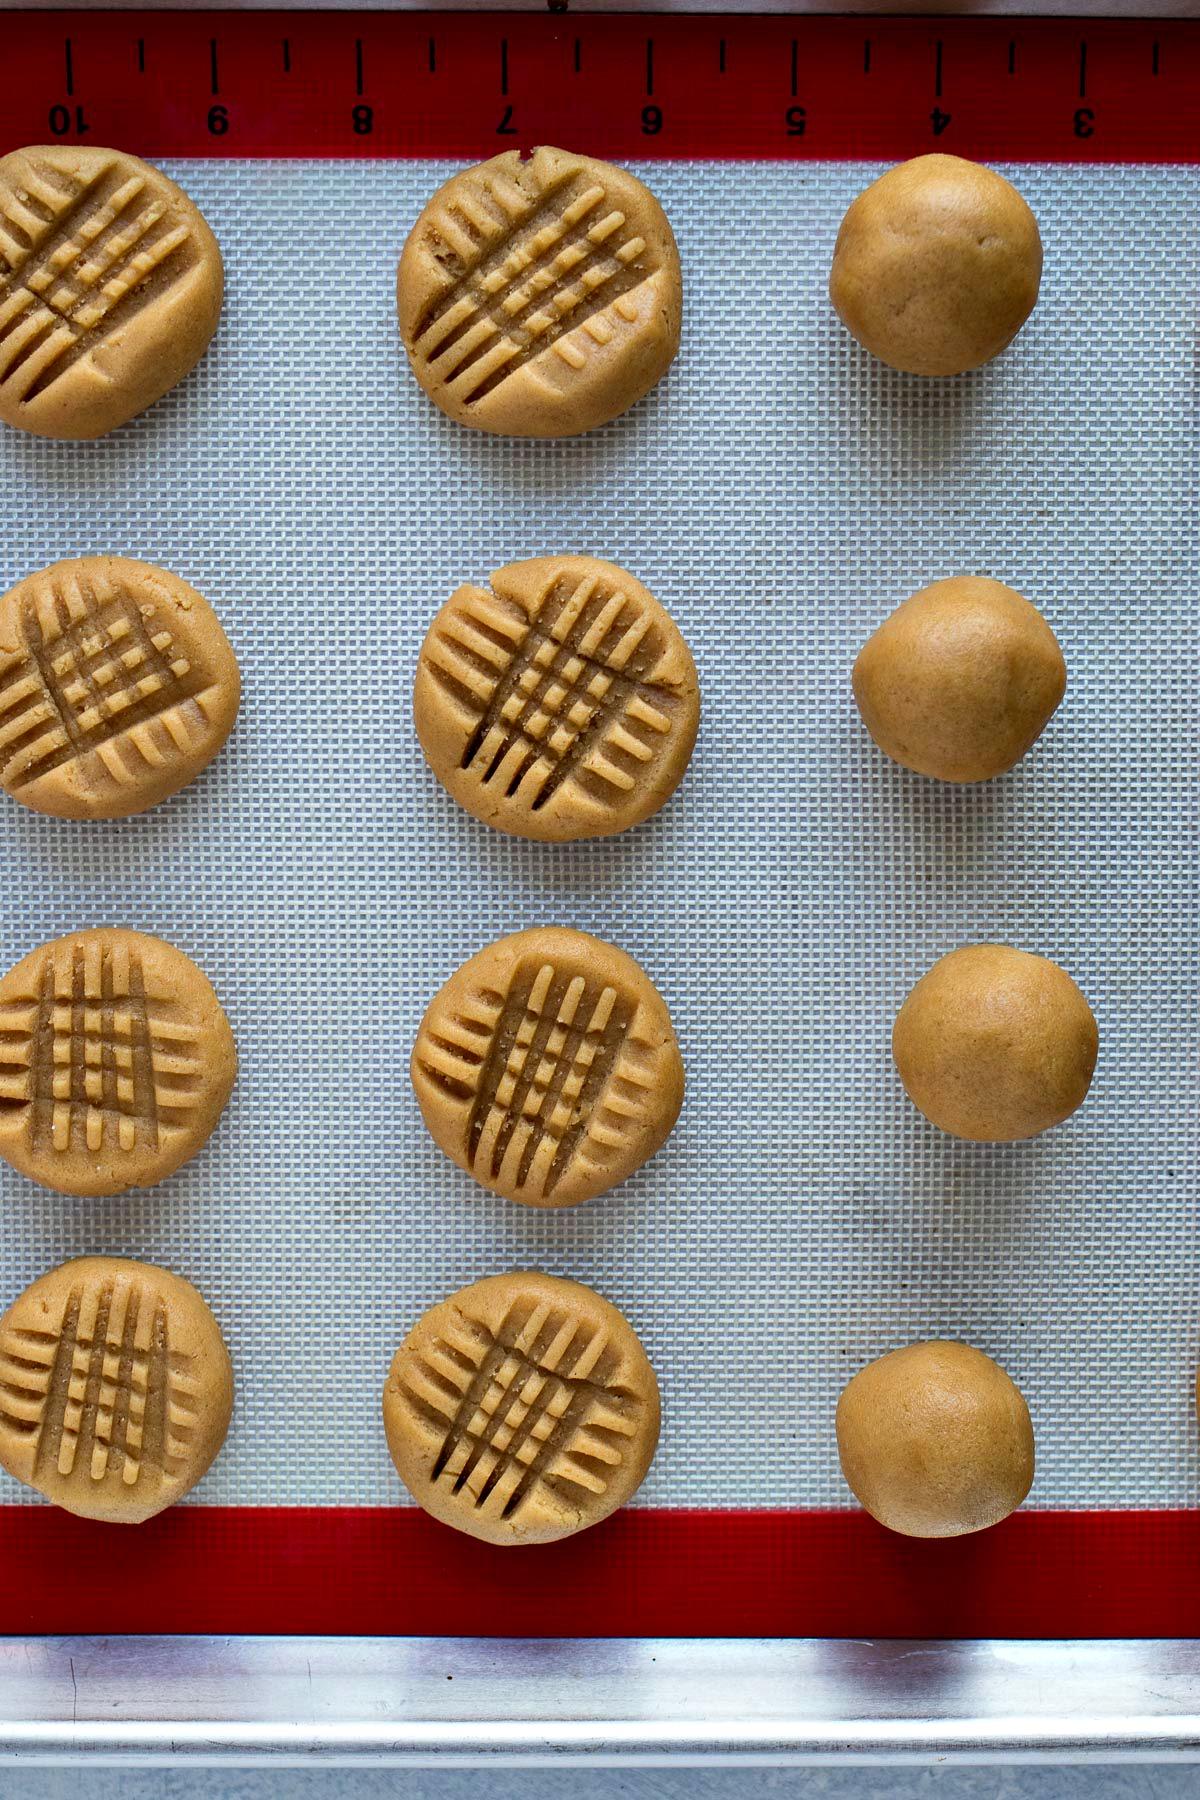 Flattened peanutbutter cookie dough next to dough balls